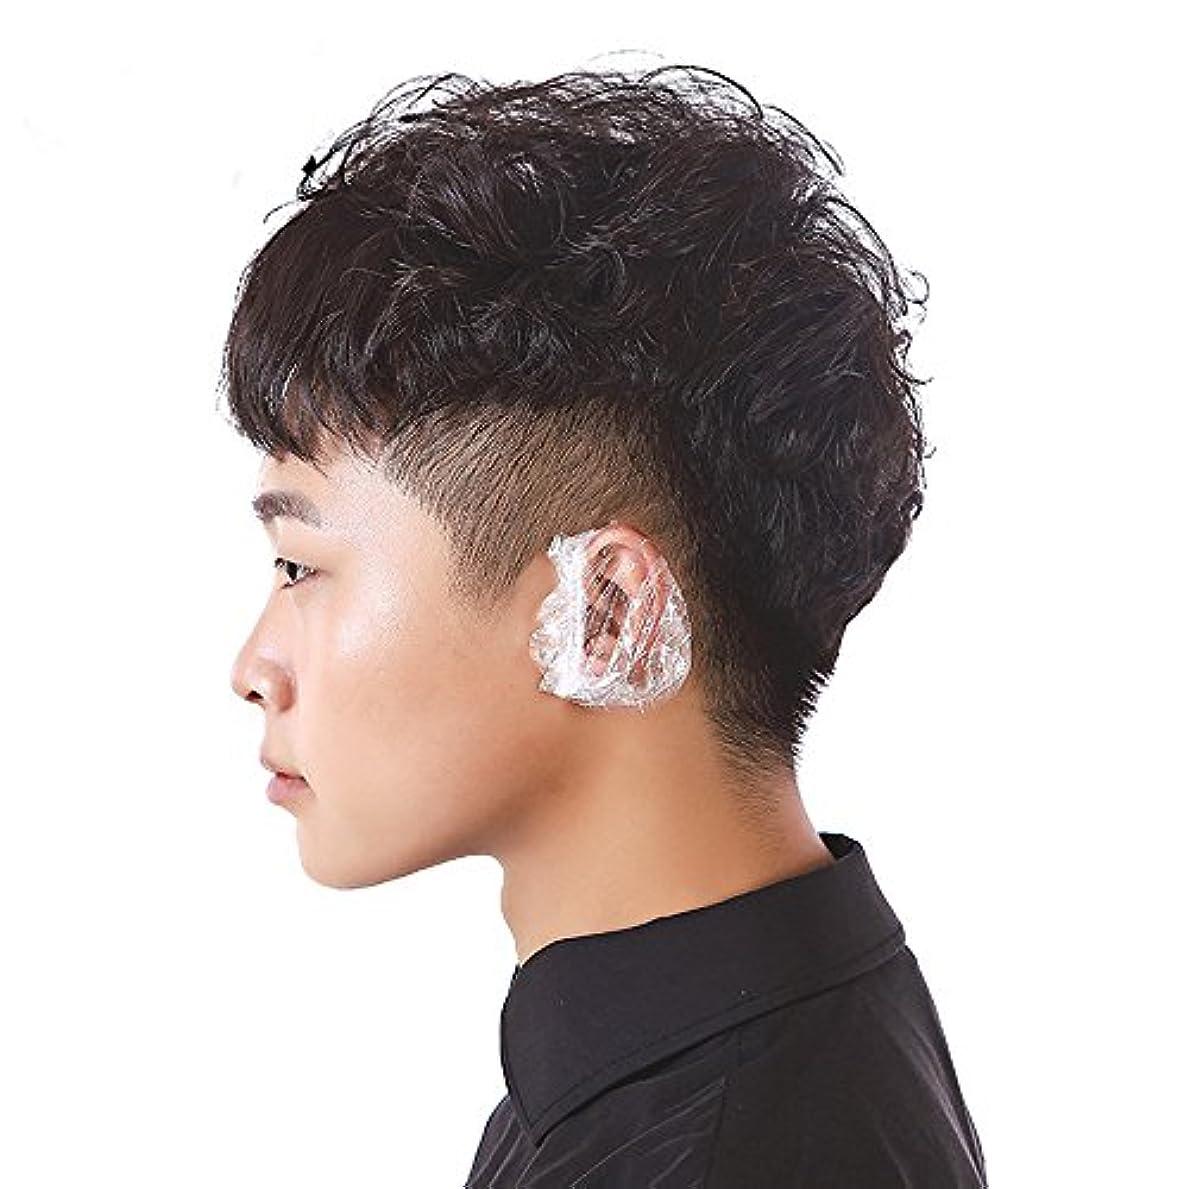 上記の頭と肩アッティカスライナーSincerestore イヤーキャップ 使い捨て 簡単 装着 透明 毛染め 100個入り (ホワイト)